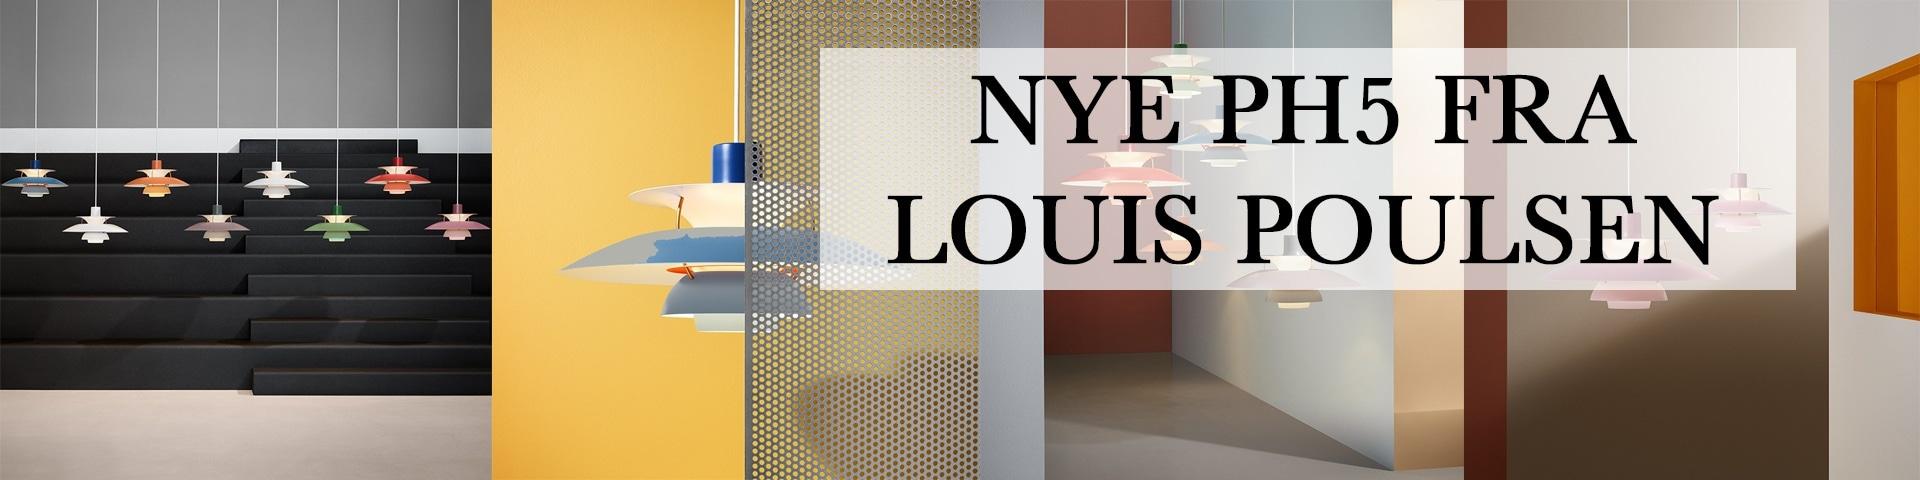 Nye PH5 fra Louis Paulsen